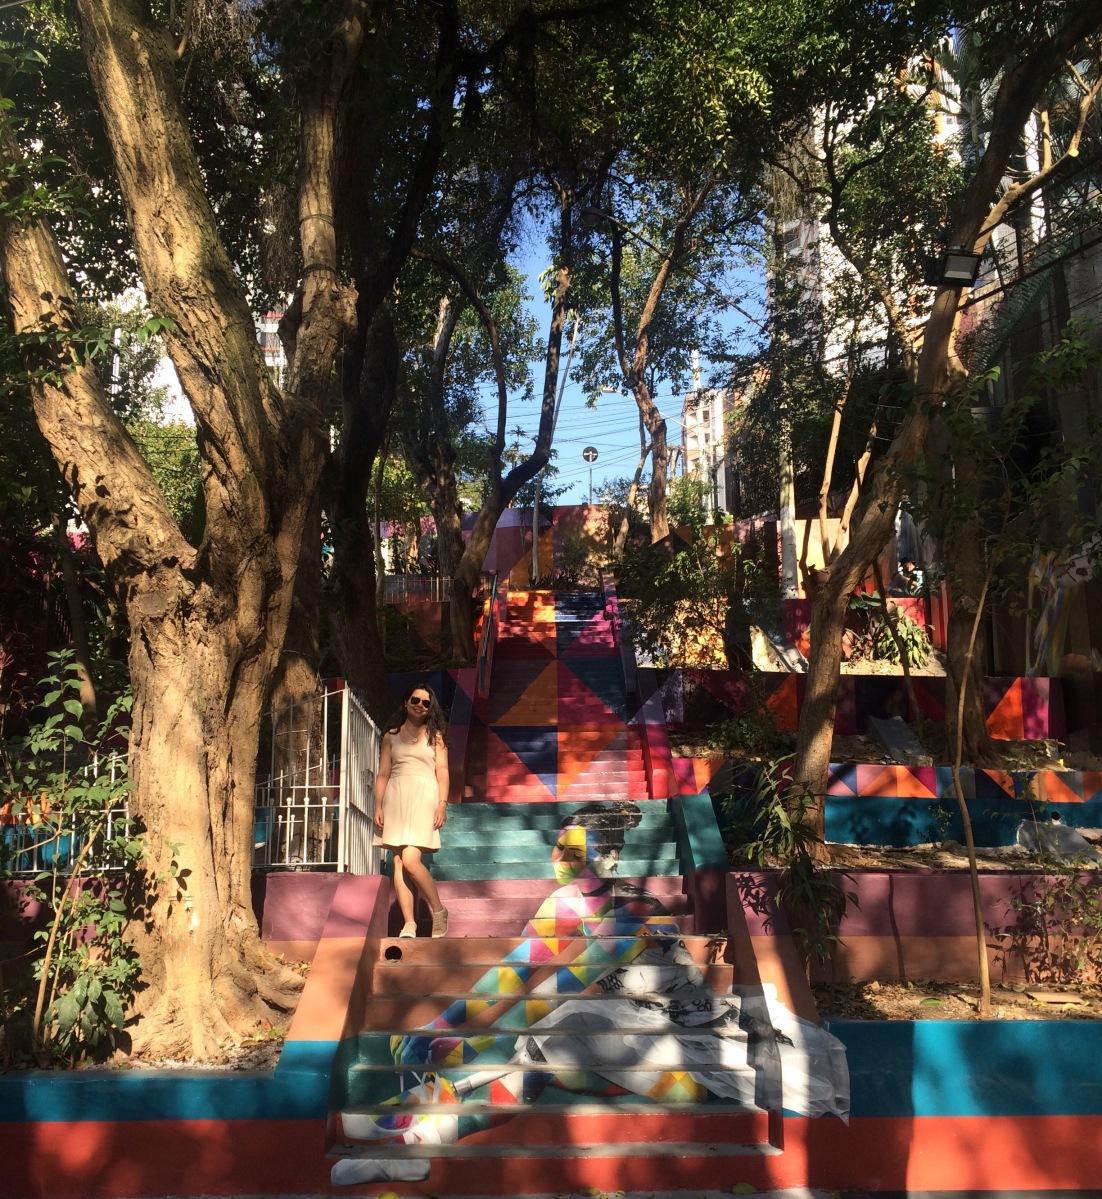 Conheça a Escadaria das bailarinas em São Paulo